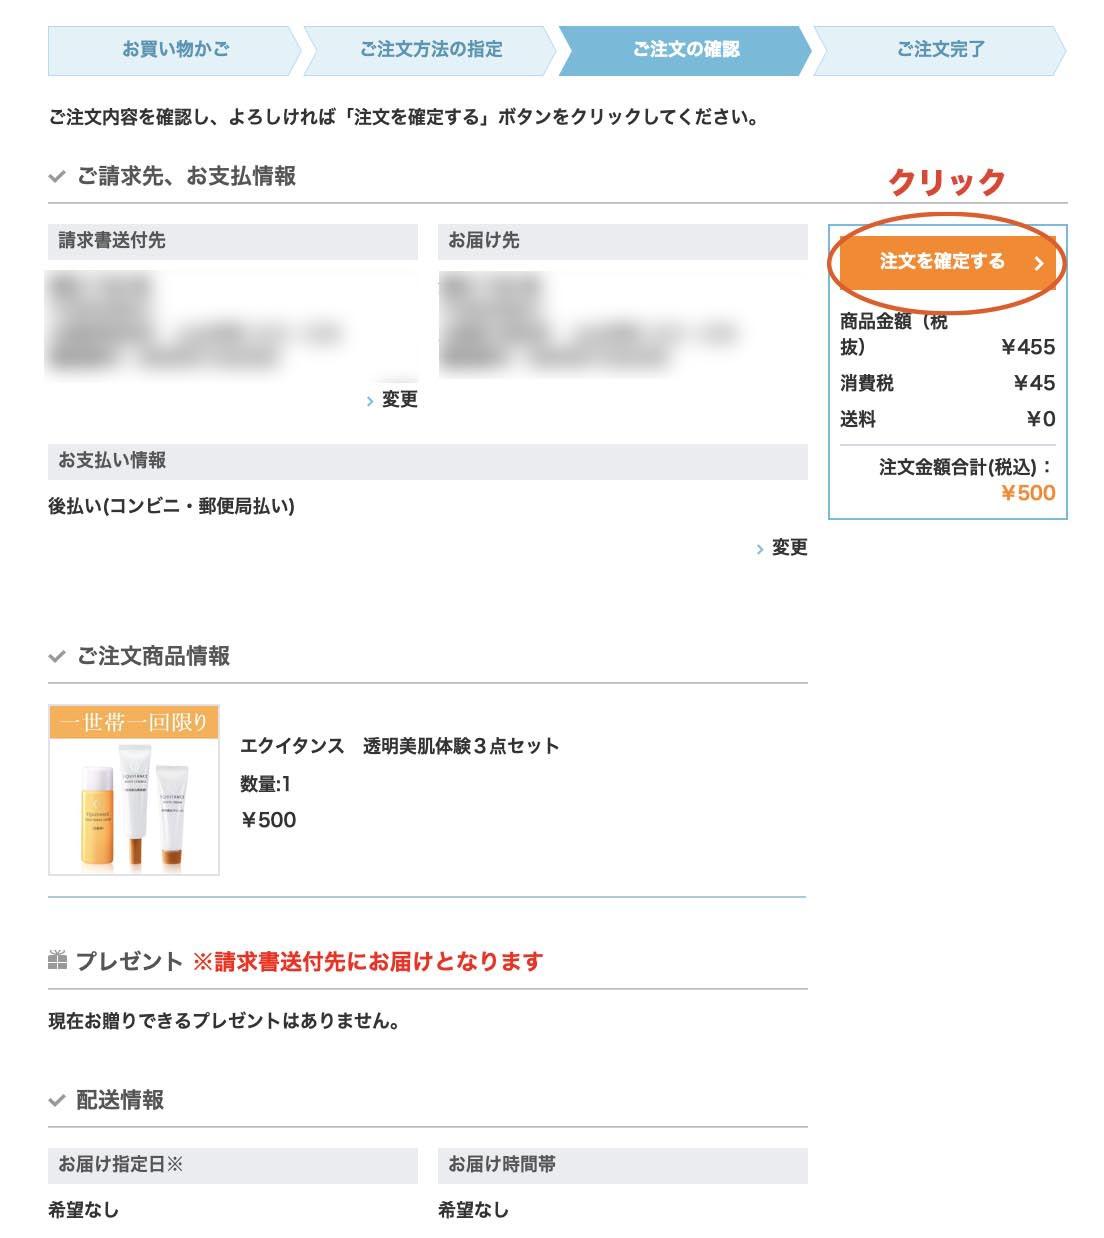 エクイタンス透明美肌3点セット申し込み方法7